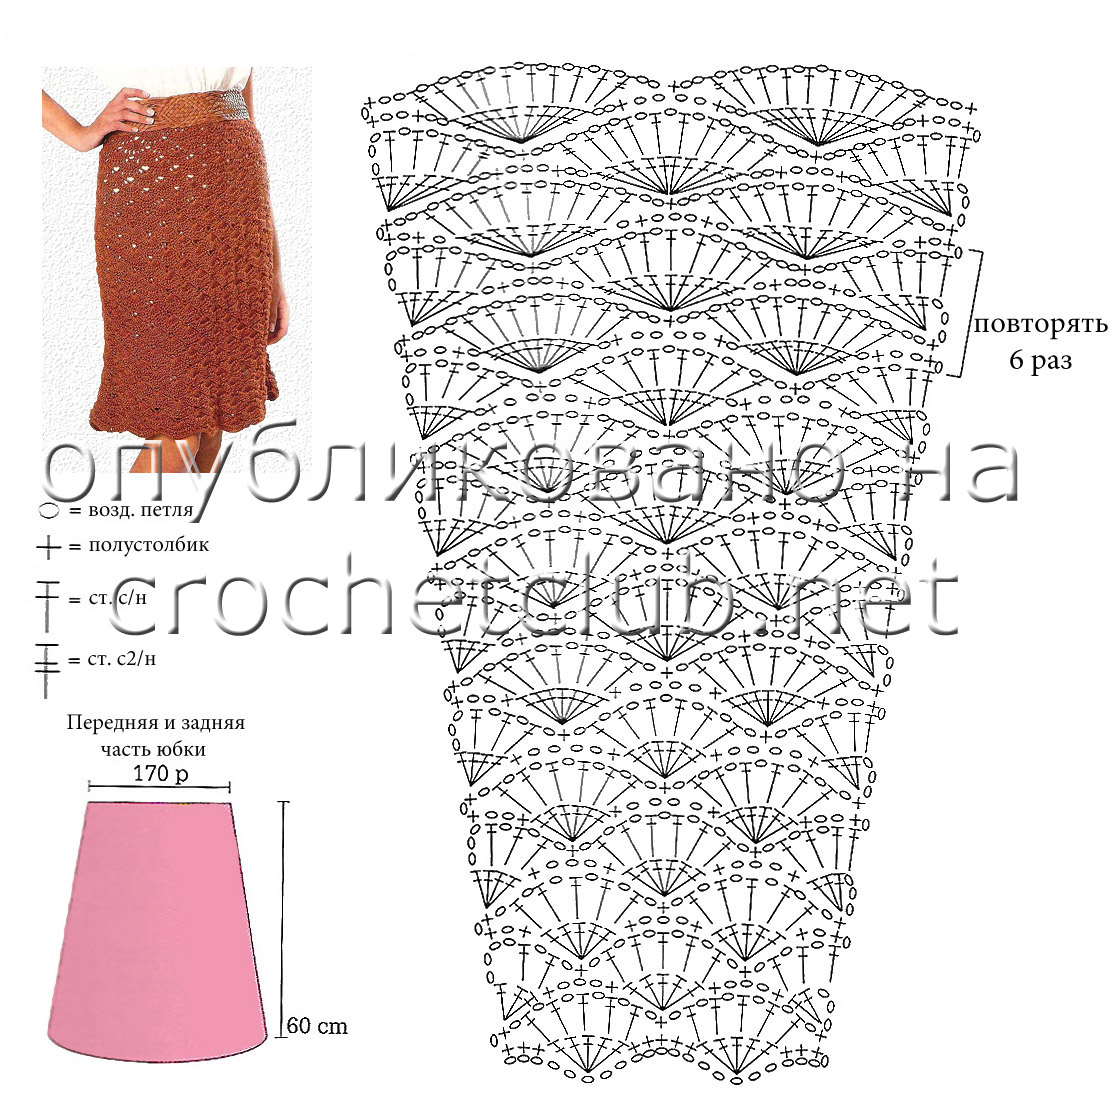 Вязание крючком юбки для женщин со схемами 15